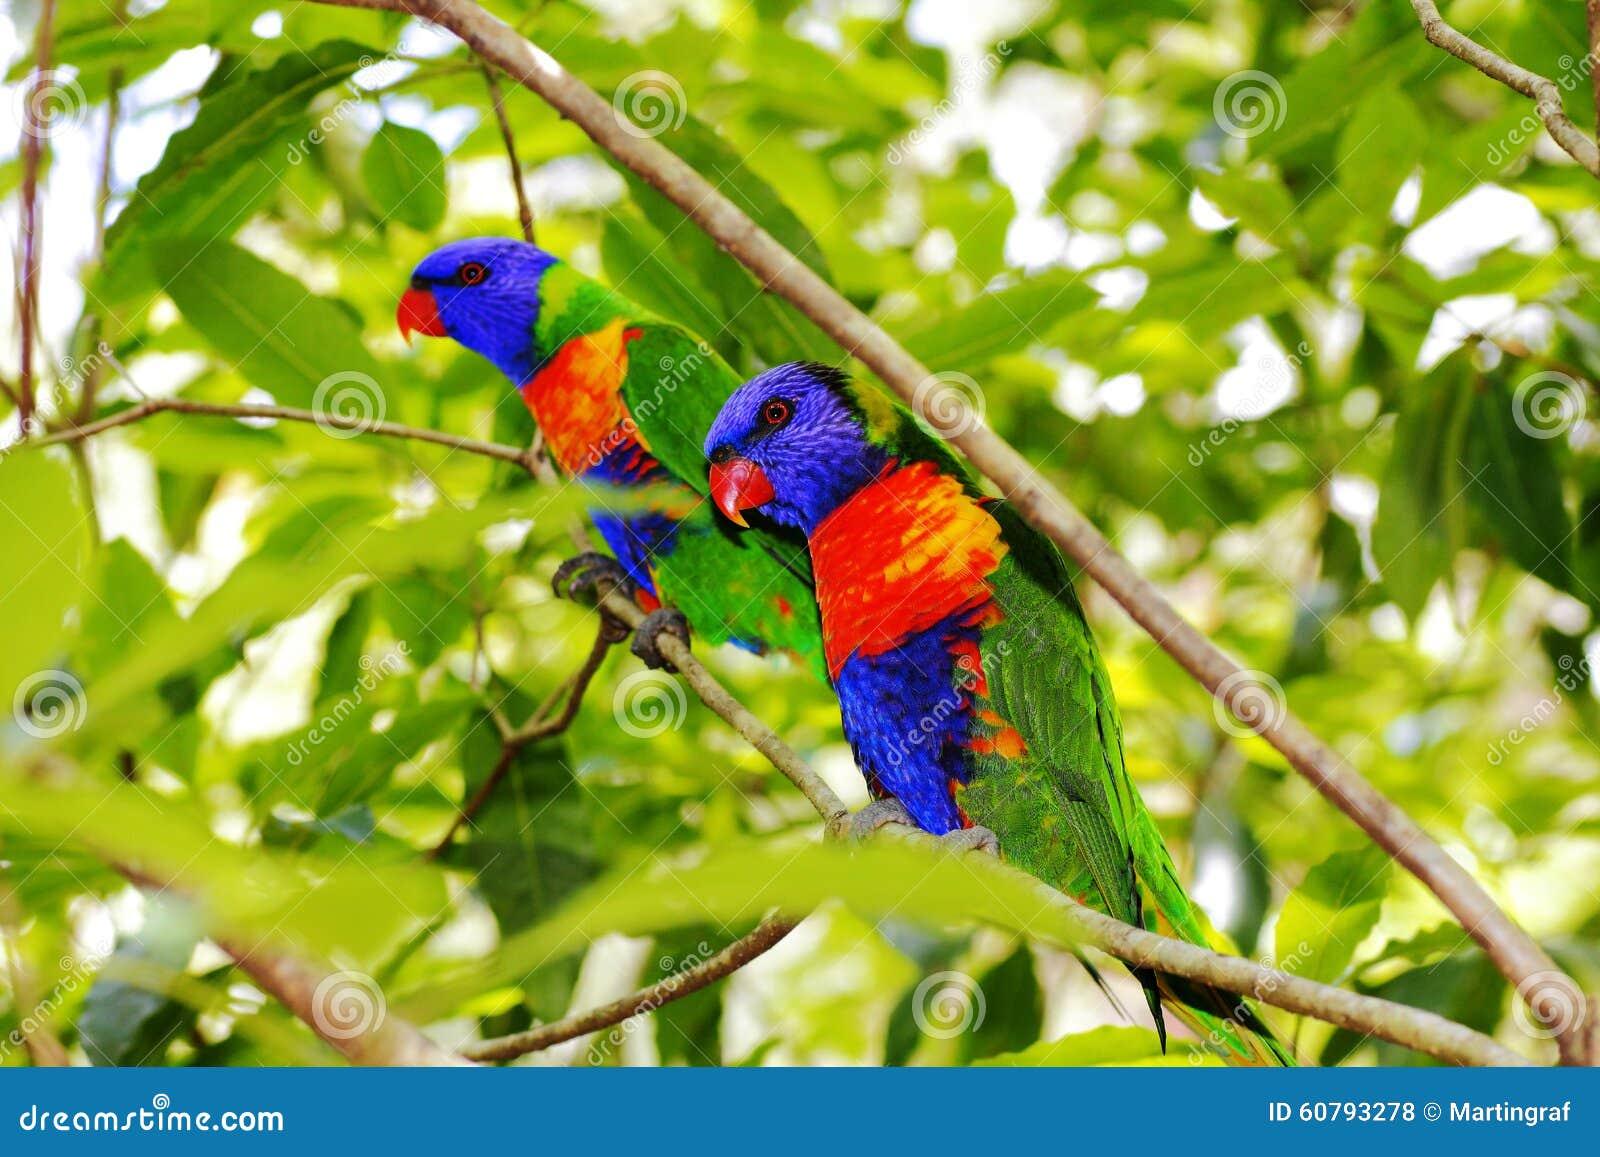 Kolorowi ptaki w zielonych liściach